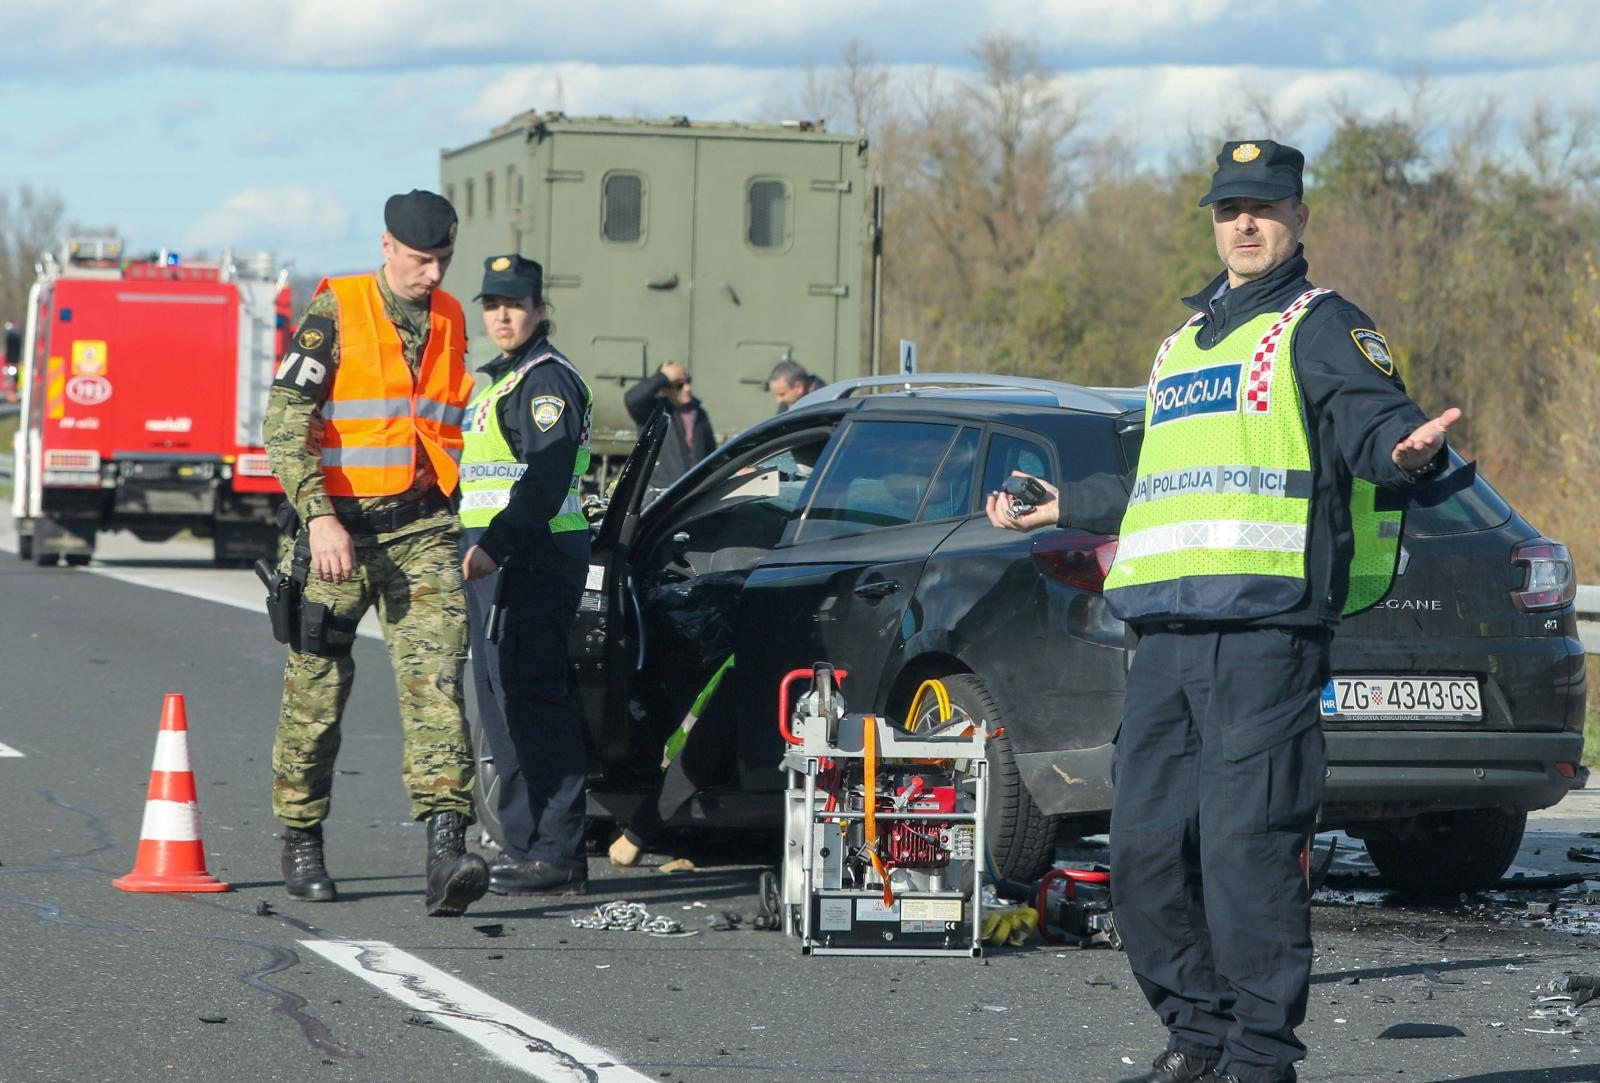 PROMETNA KOD RAKITJA – U sudaru automobila i kamiona Hrvatske vojske stradala jedna osoba